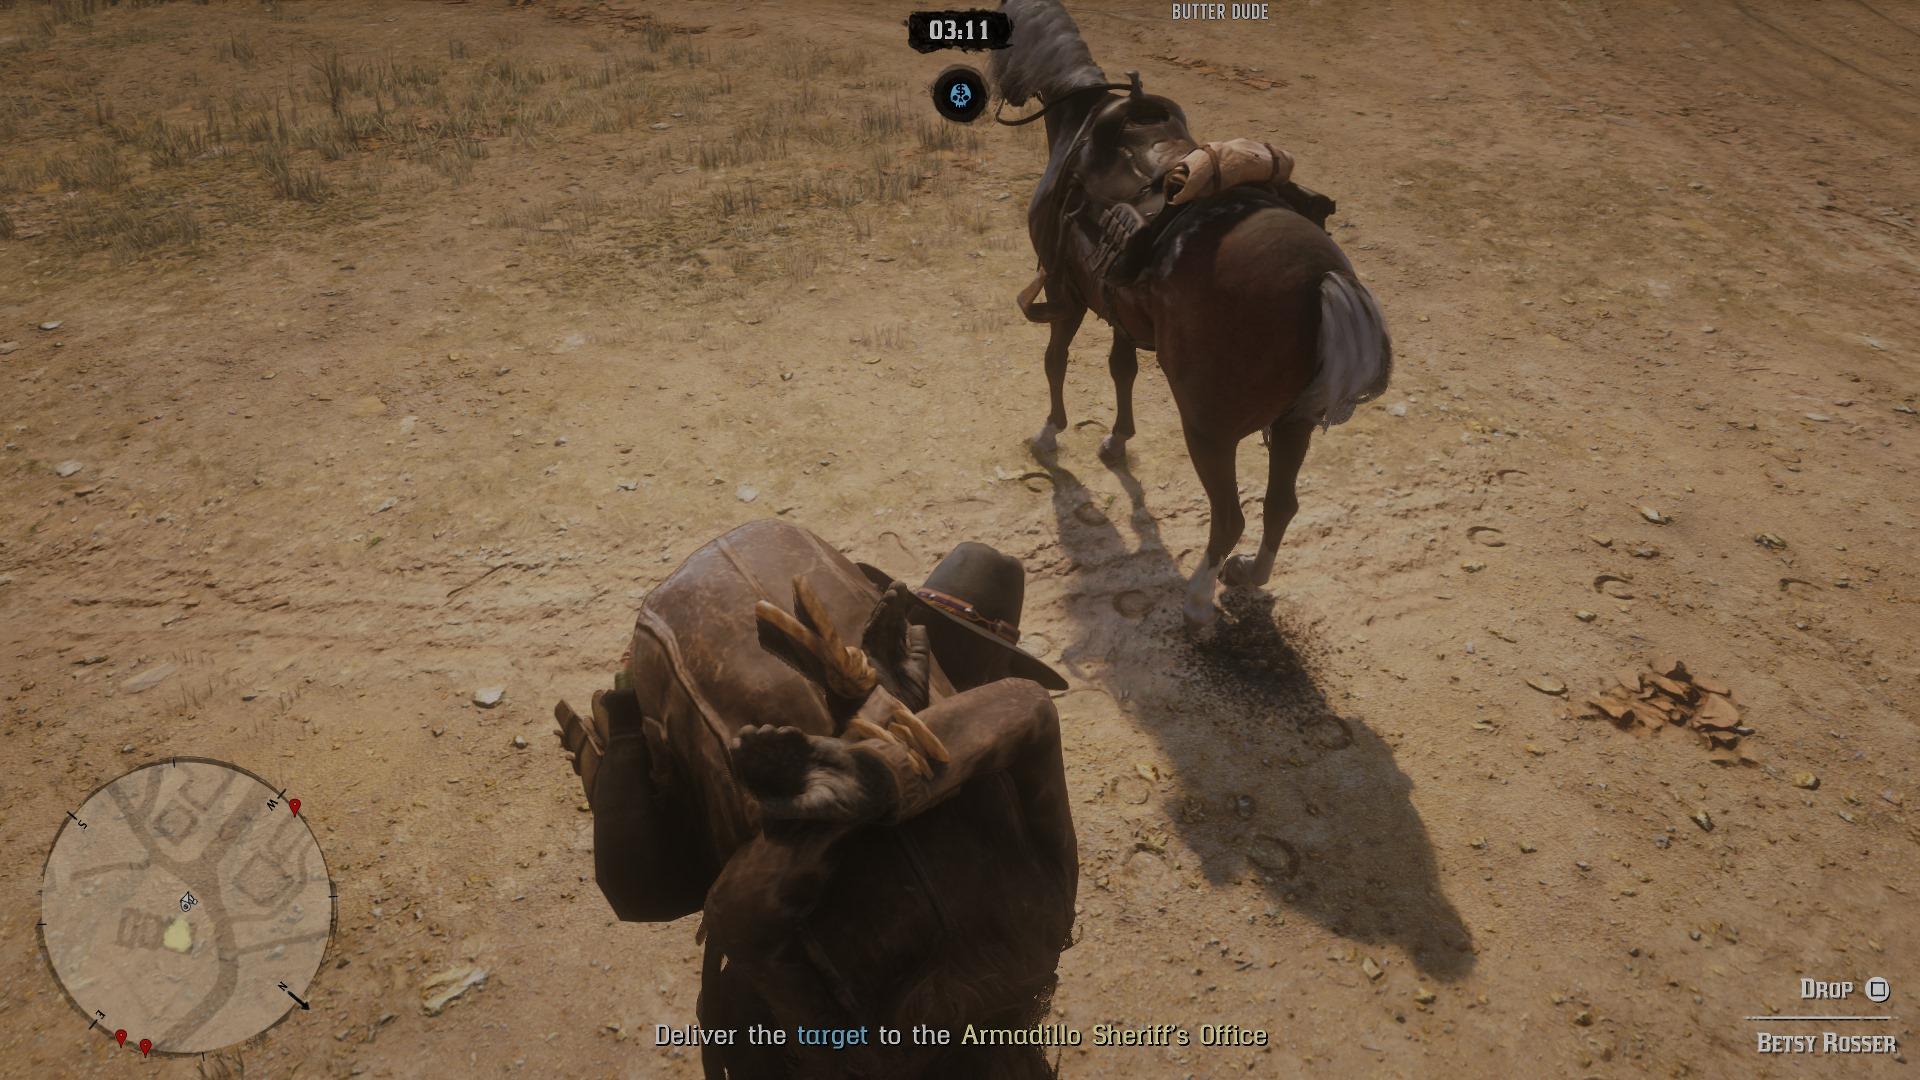 吃撑了?我的马儿在《荒野大镖客2》中疯狂拉屎